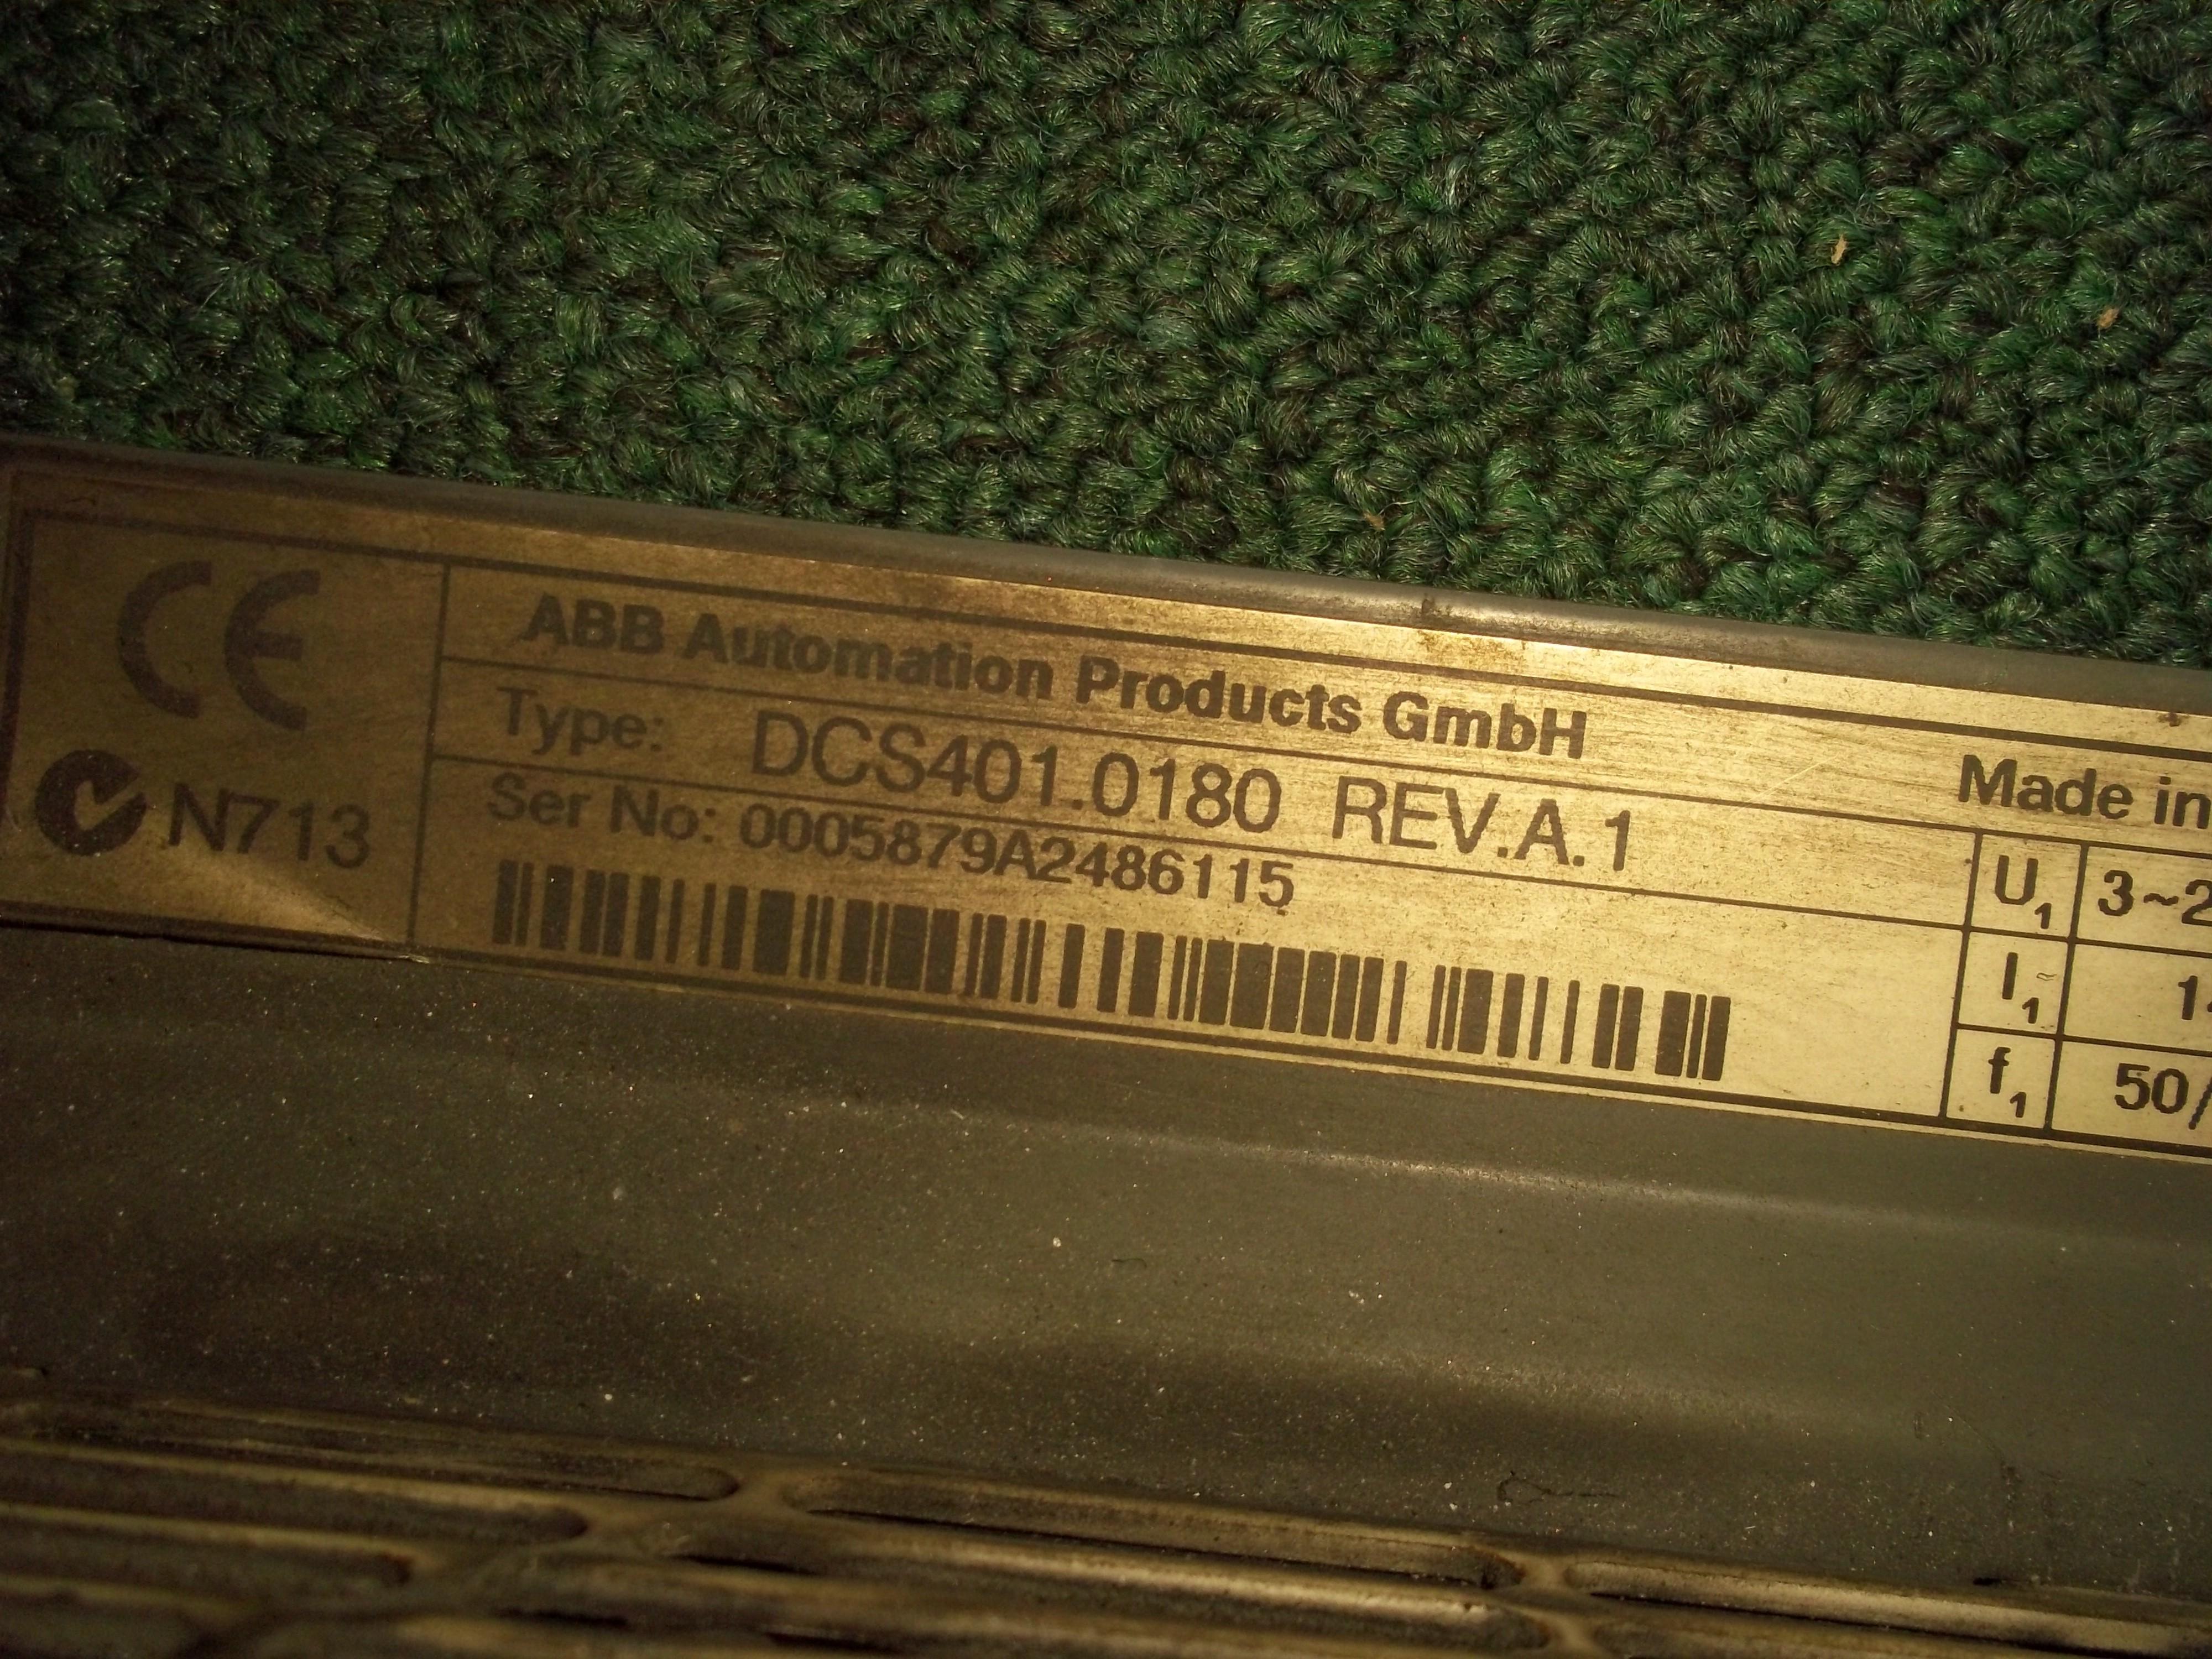 Repair DSC401.0180 REV.A.1 ABB  ABB DRIVE in Malaysia, Singapore, Thailand, Indonesia